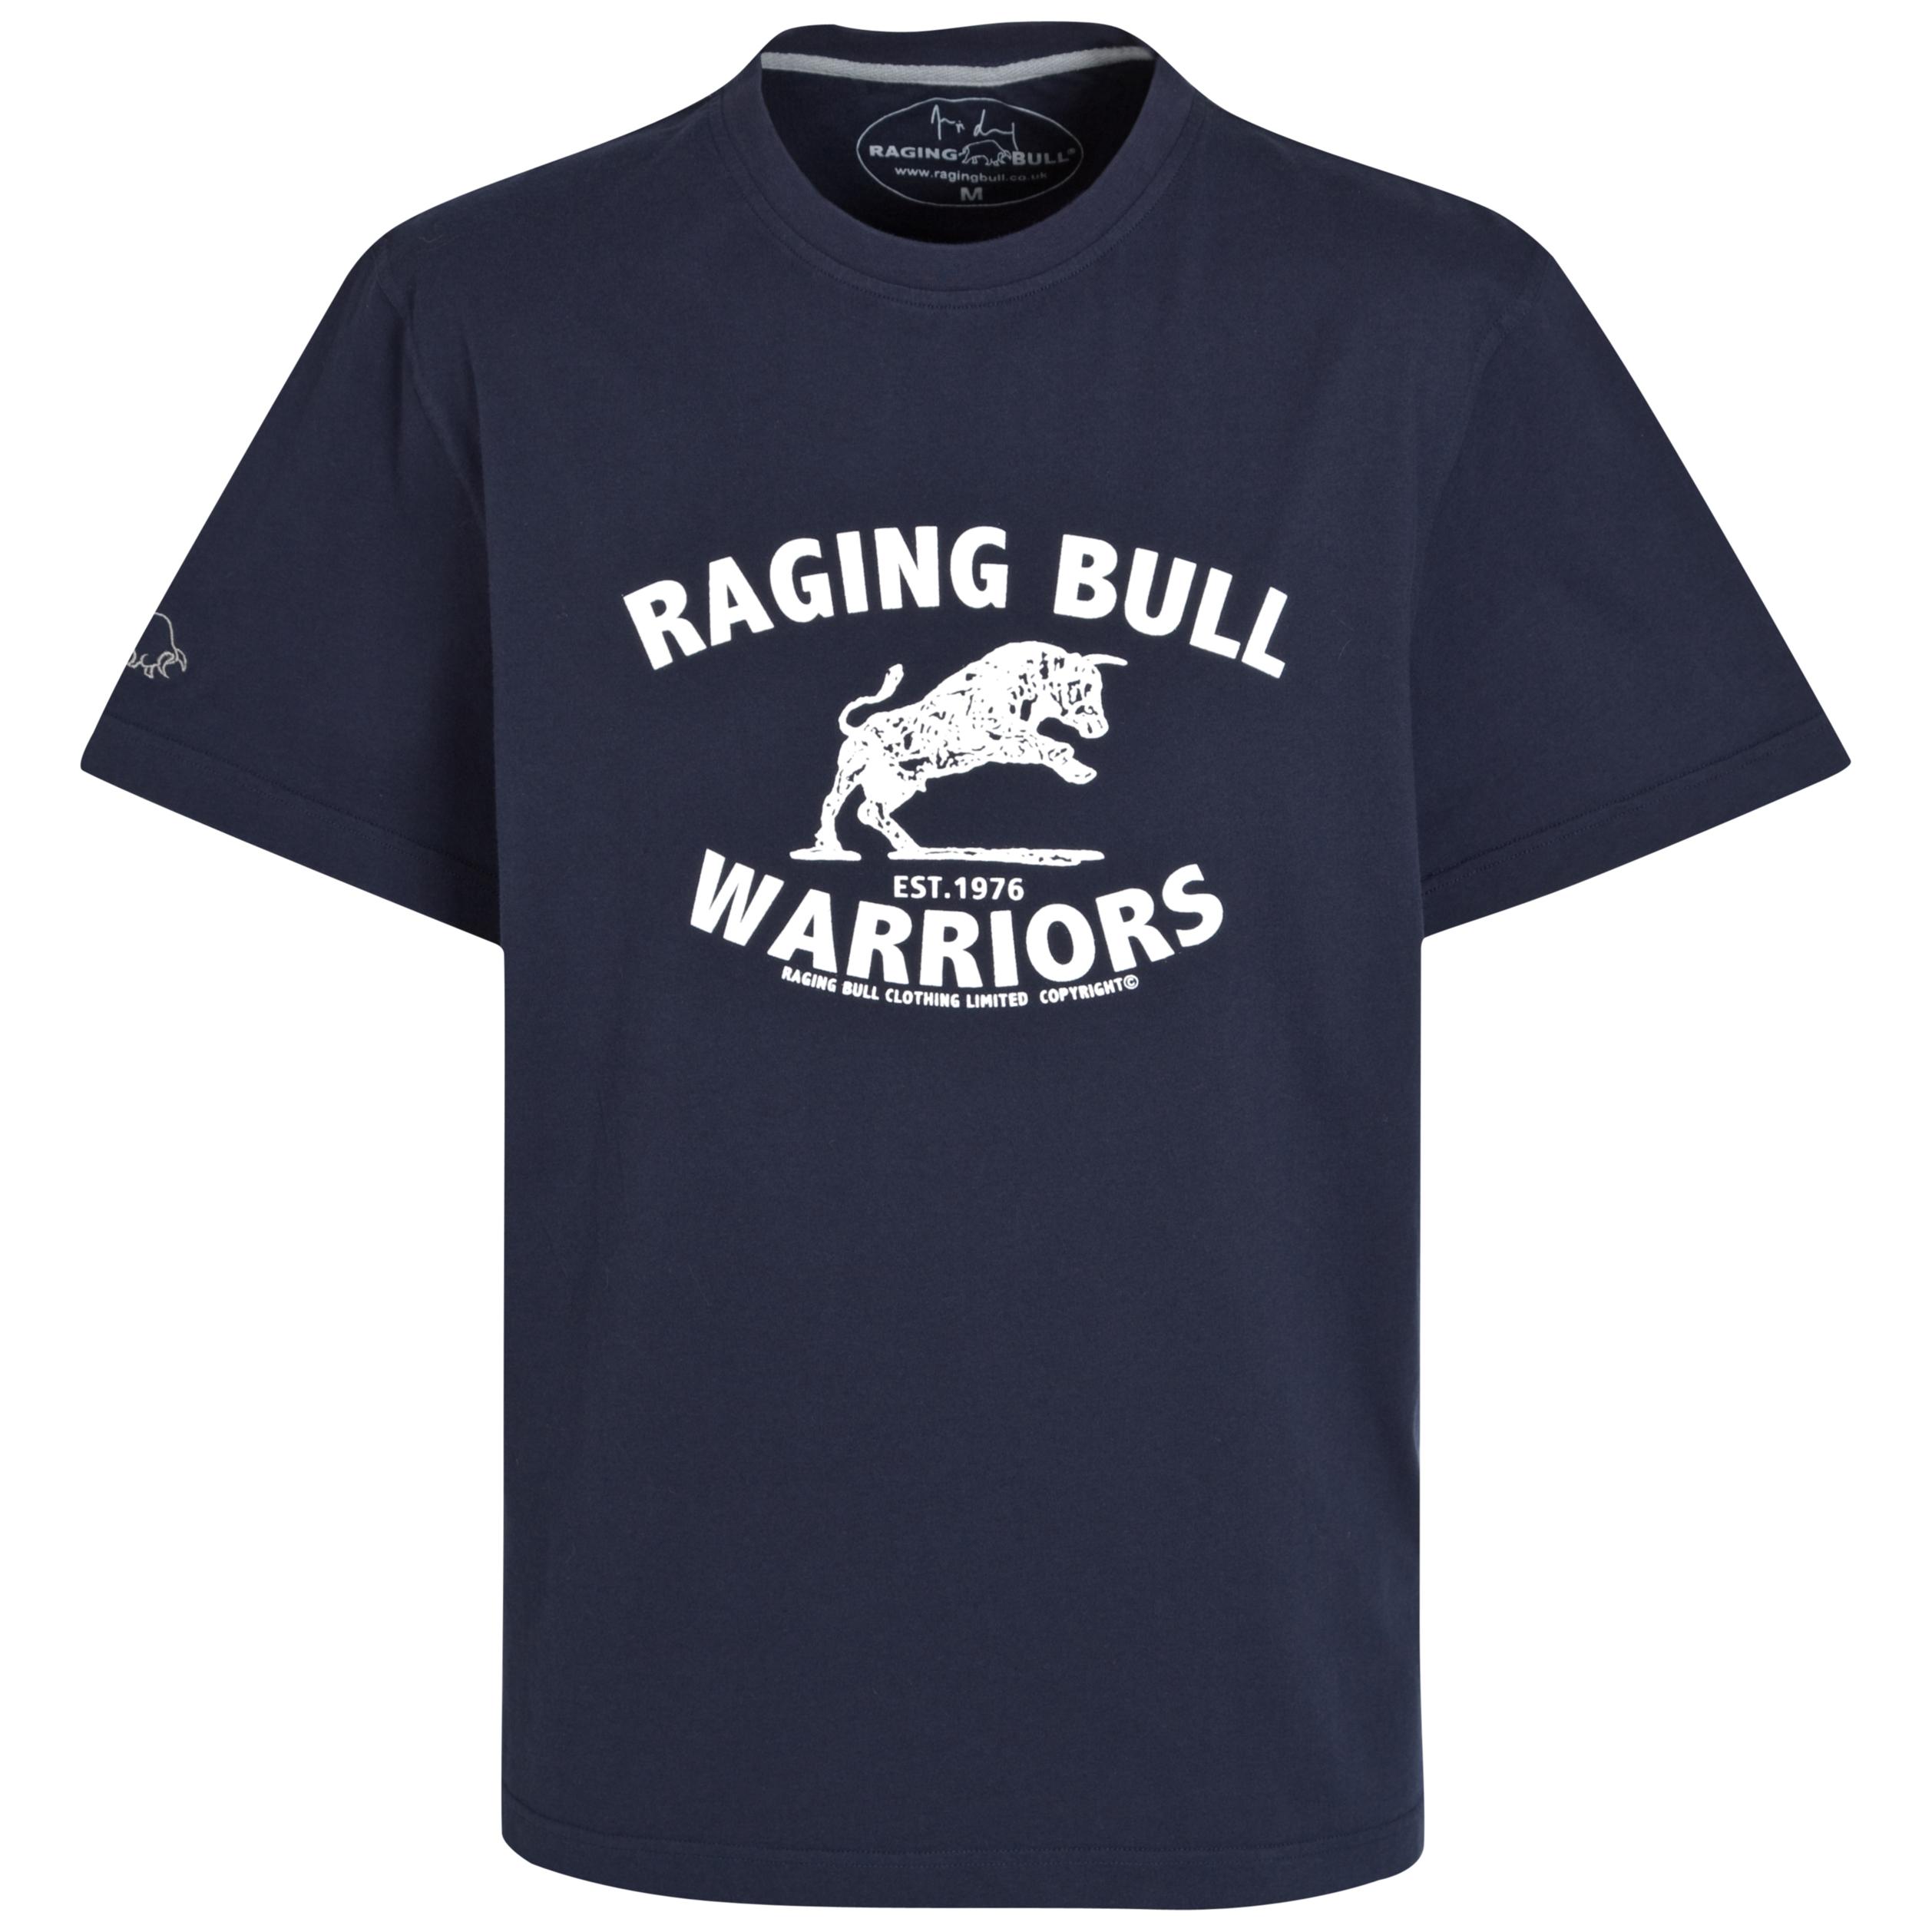 Raging Bull Warriors T-Shirt. for 5€